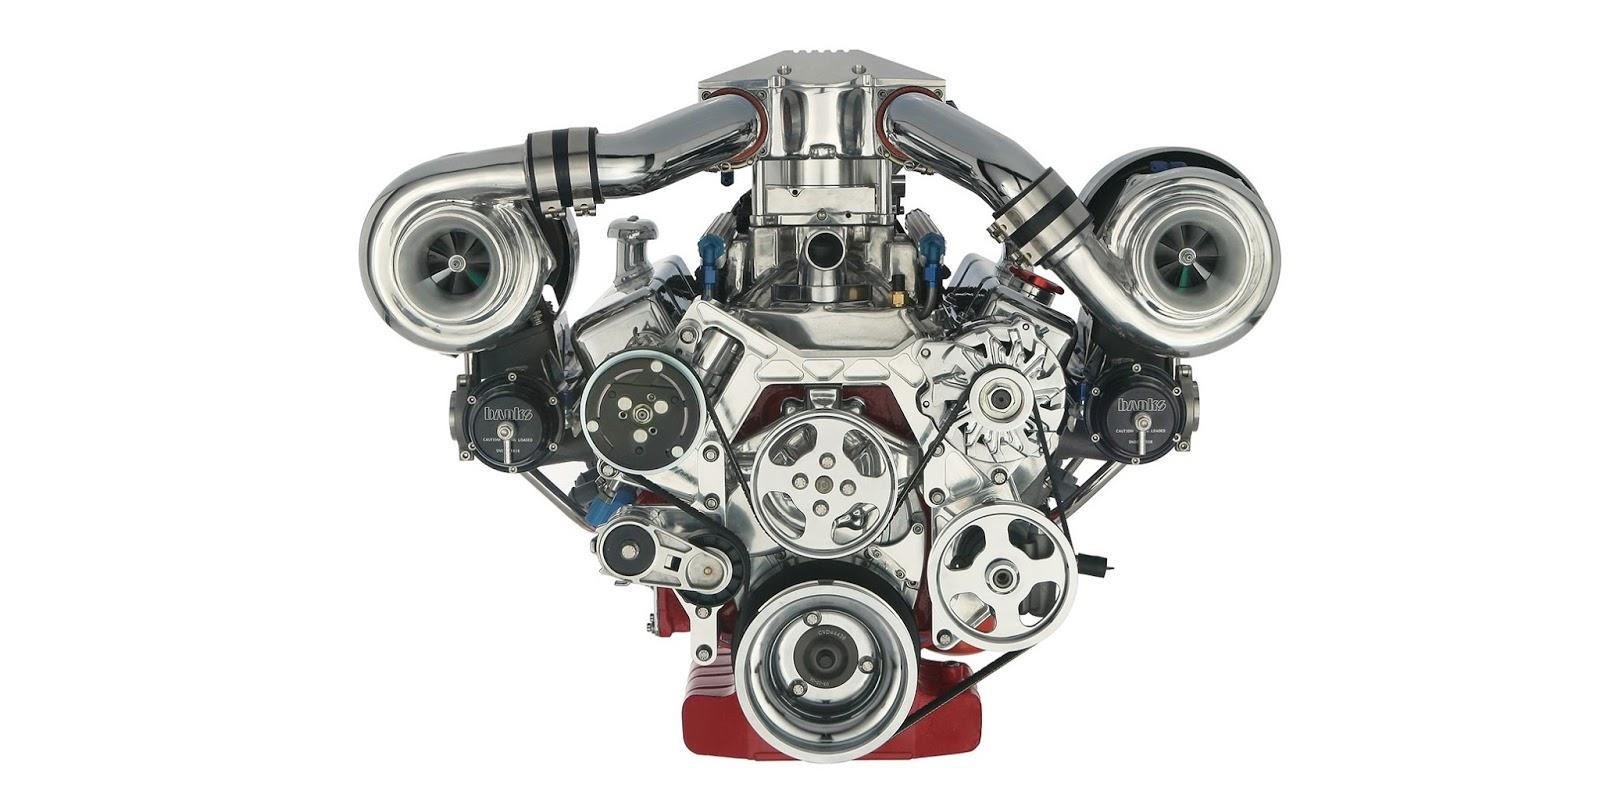 Niva-Chevrolet yakıt filtresi: nerde ve nasıl değiştirilir